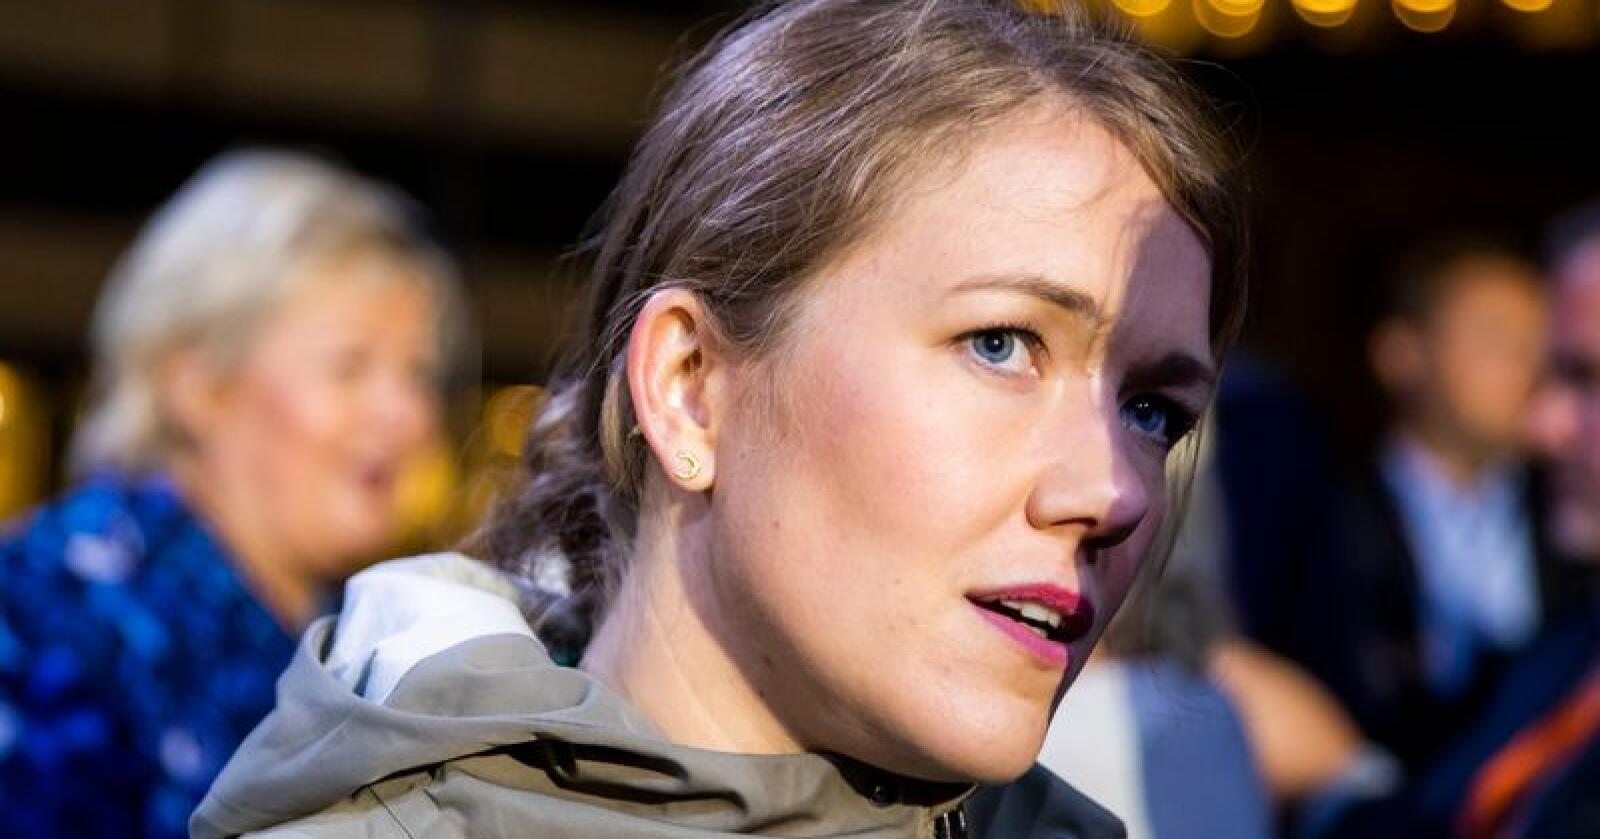 Nasjonal talsperson i Miljøpartiet De Grønne (MDG), Une Bastholm, frykter regjeringens bompengeløsning vil innebære store økte krav til kommunenes bidrag i vekstpakkene. Foto: Håkon Mosvold Larsen / NTB scanpix